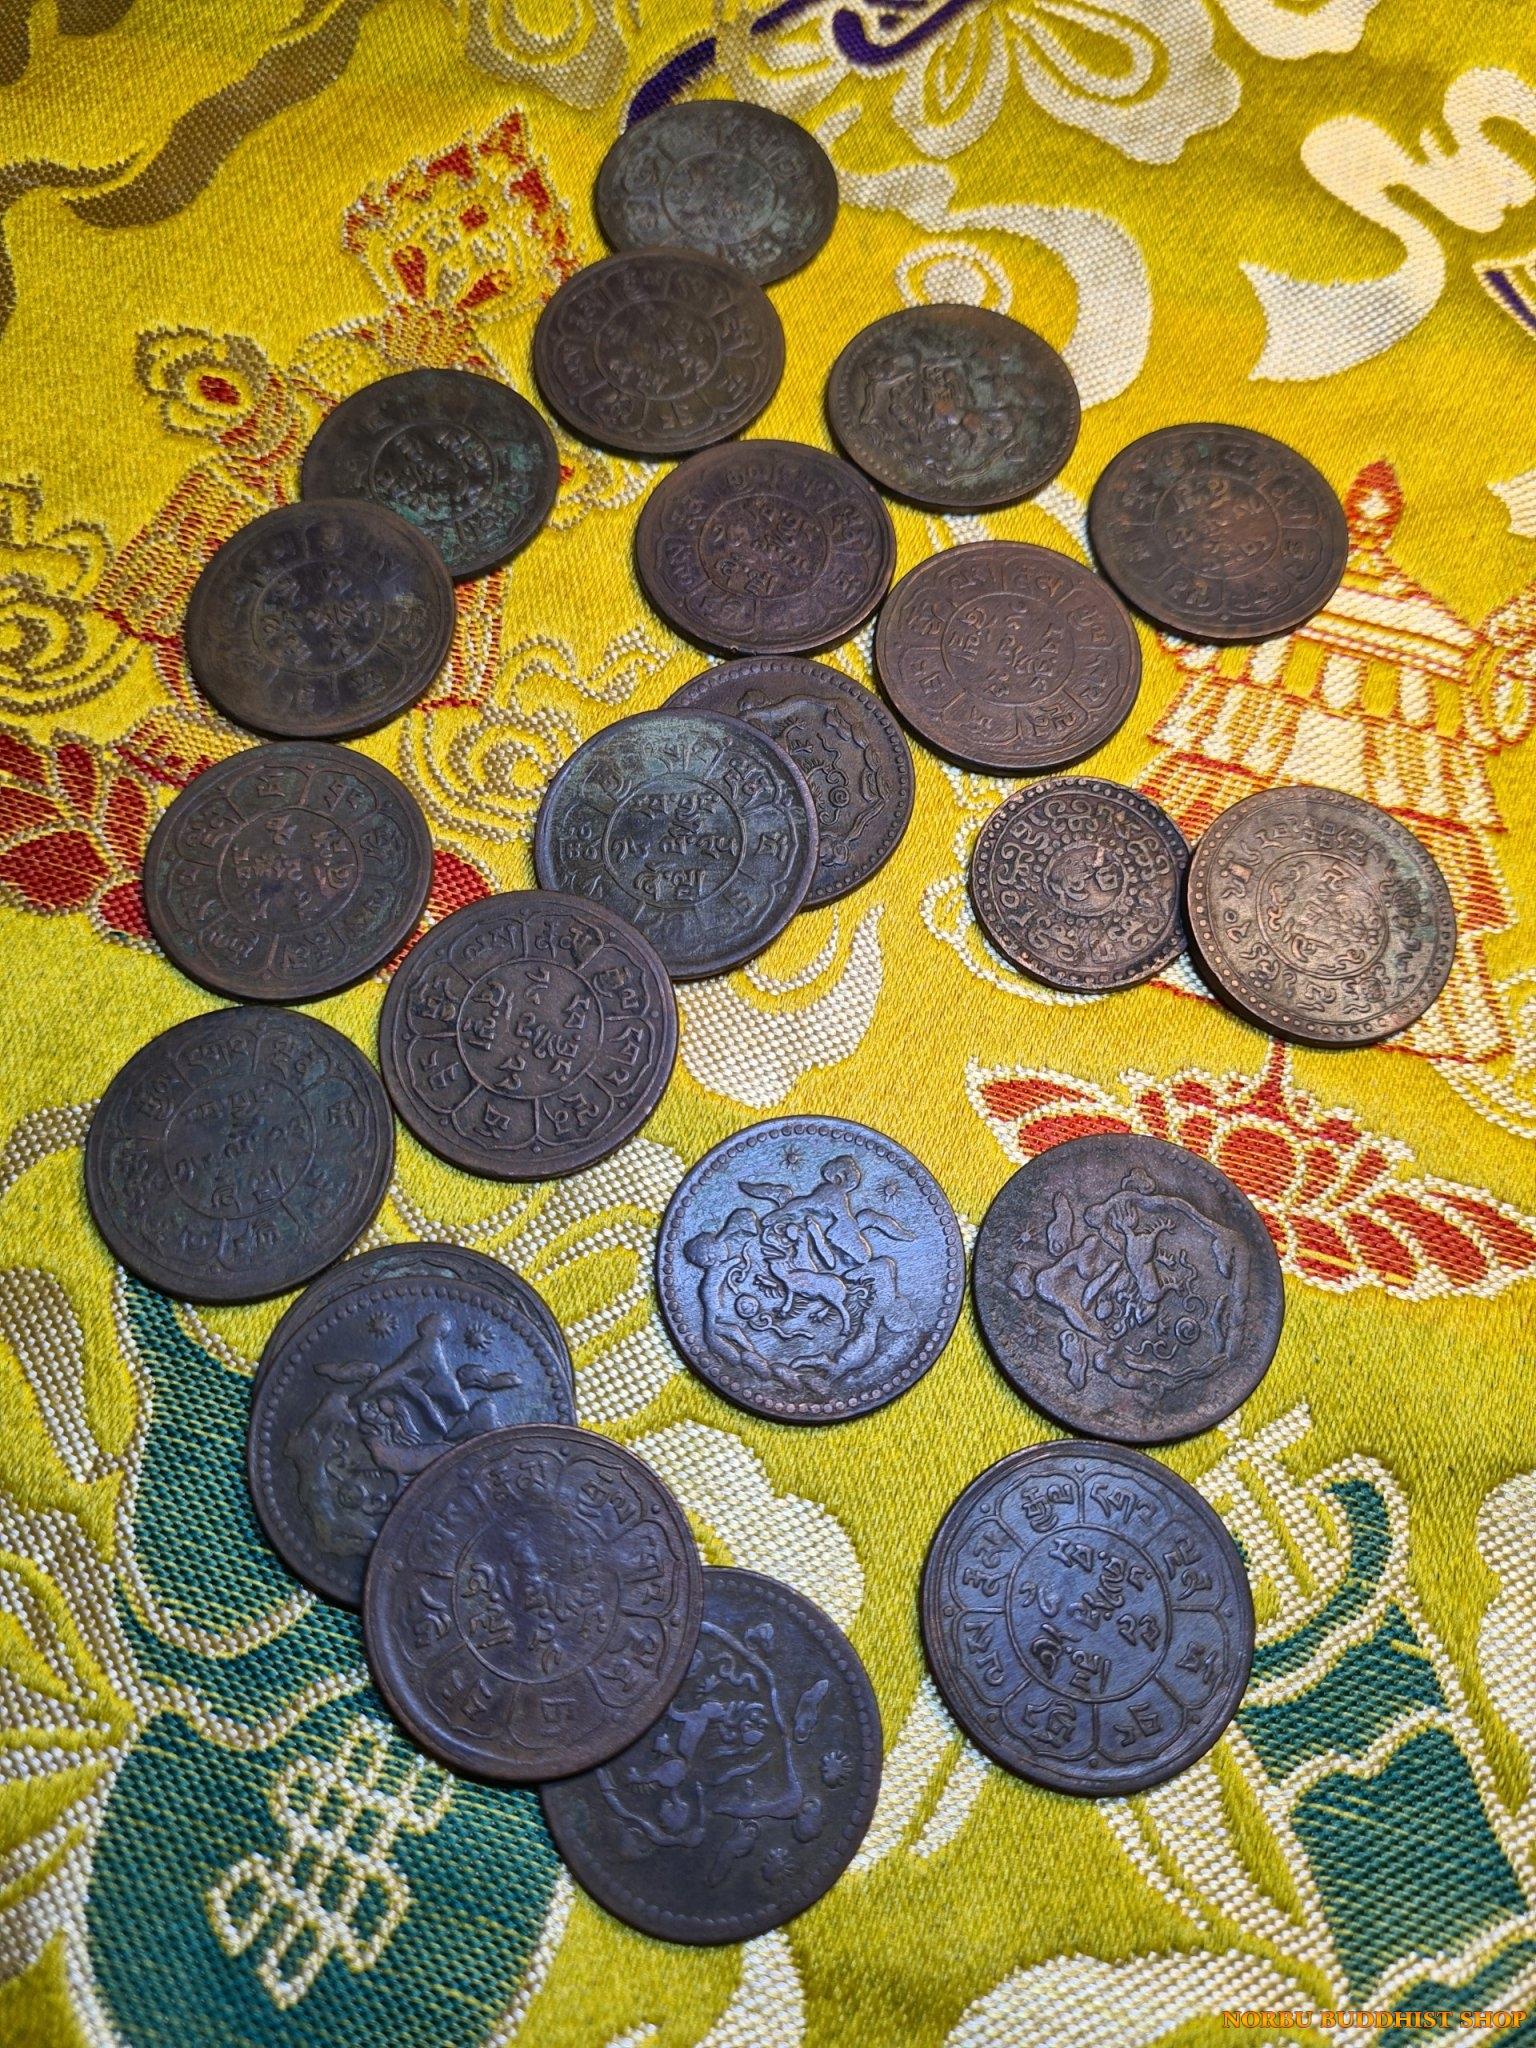 Old coin Tibet - tiền xu cổ Tây Tạng thời xưa 4